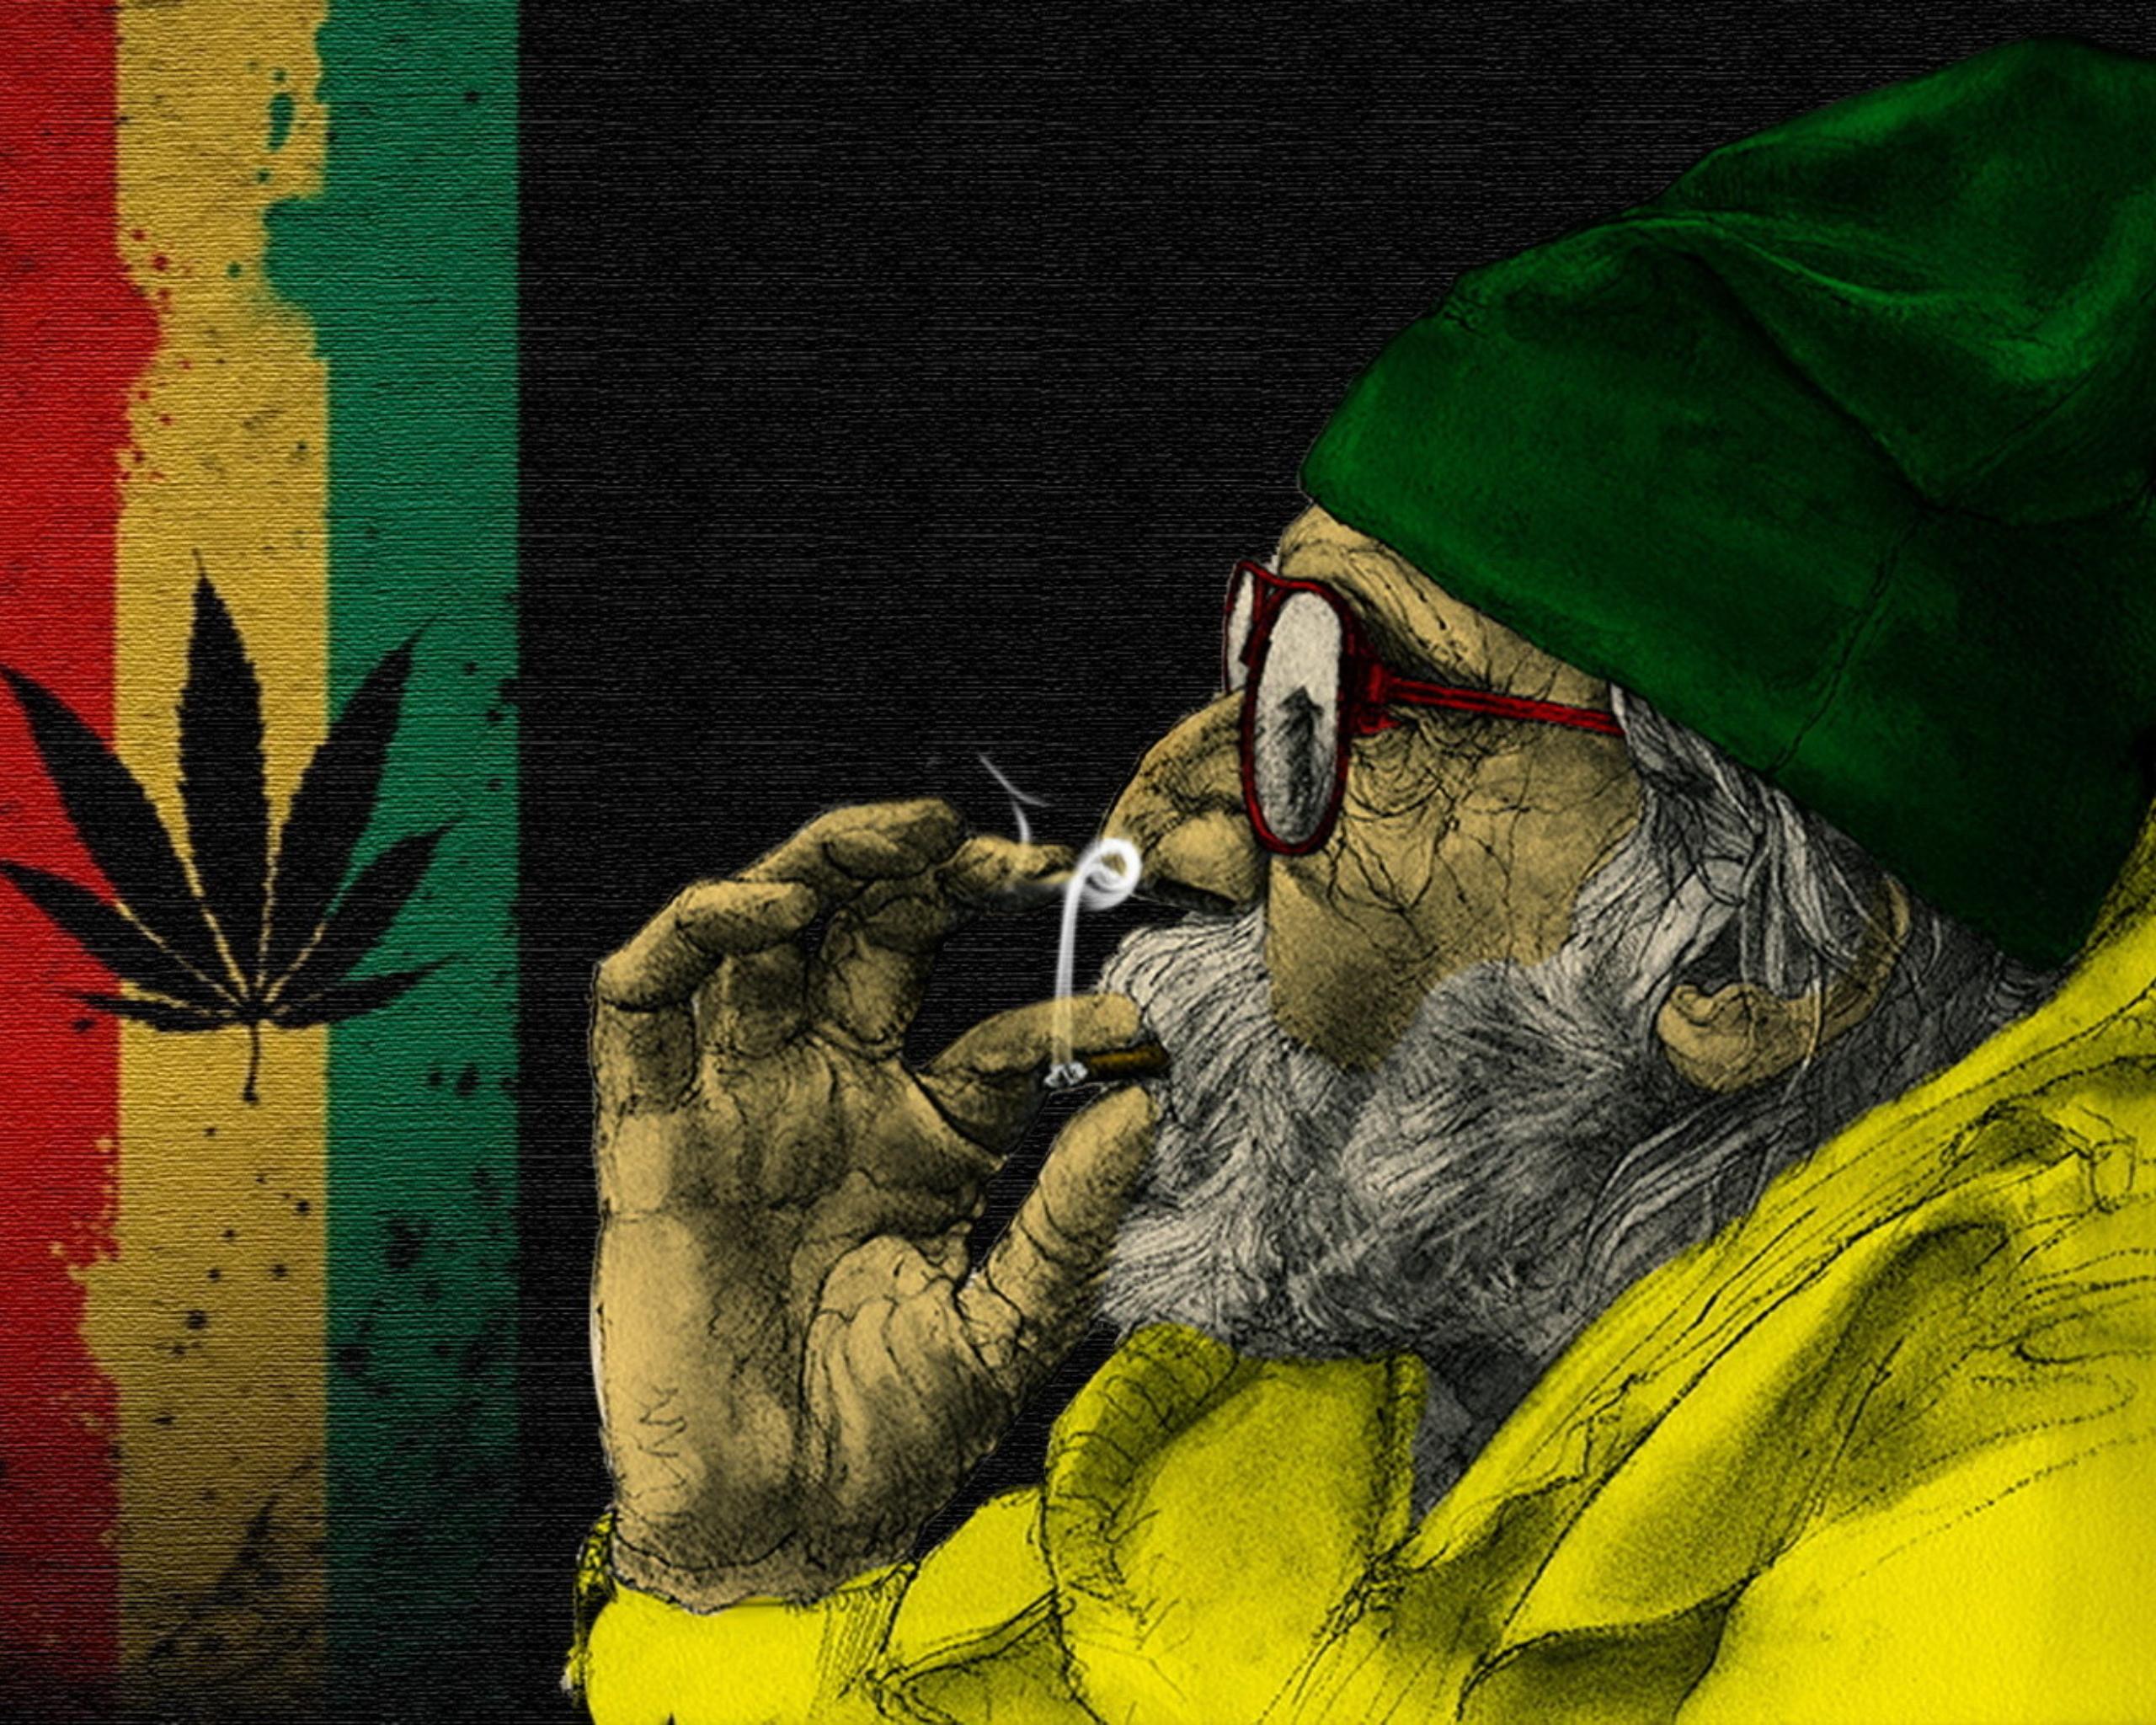 Скачать картинки на телефон бесплатно марихуана за сколько организм очищается от марихуаны